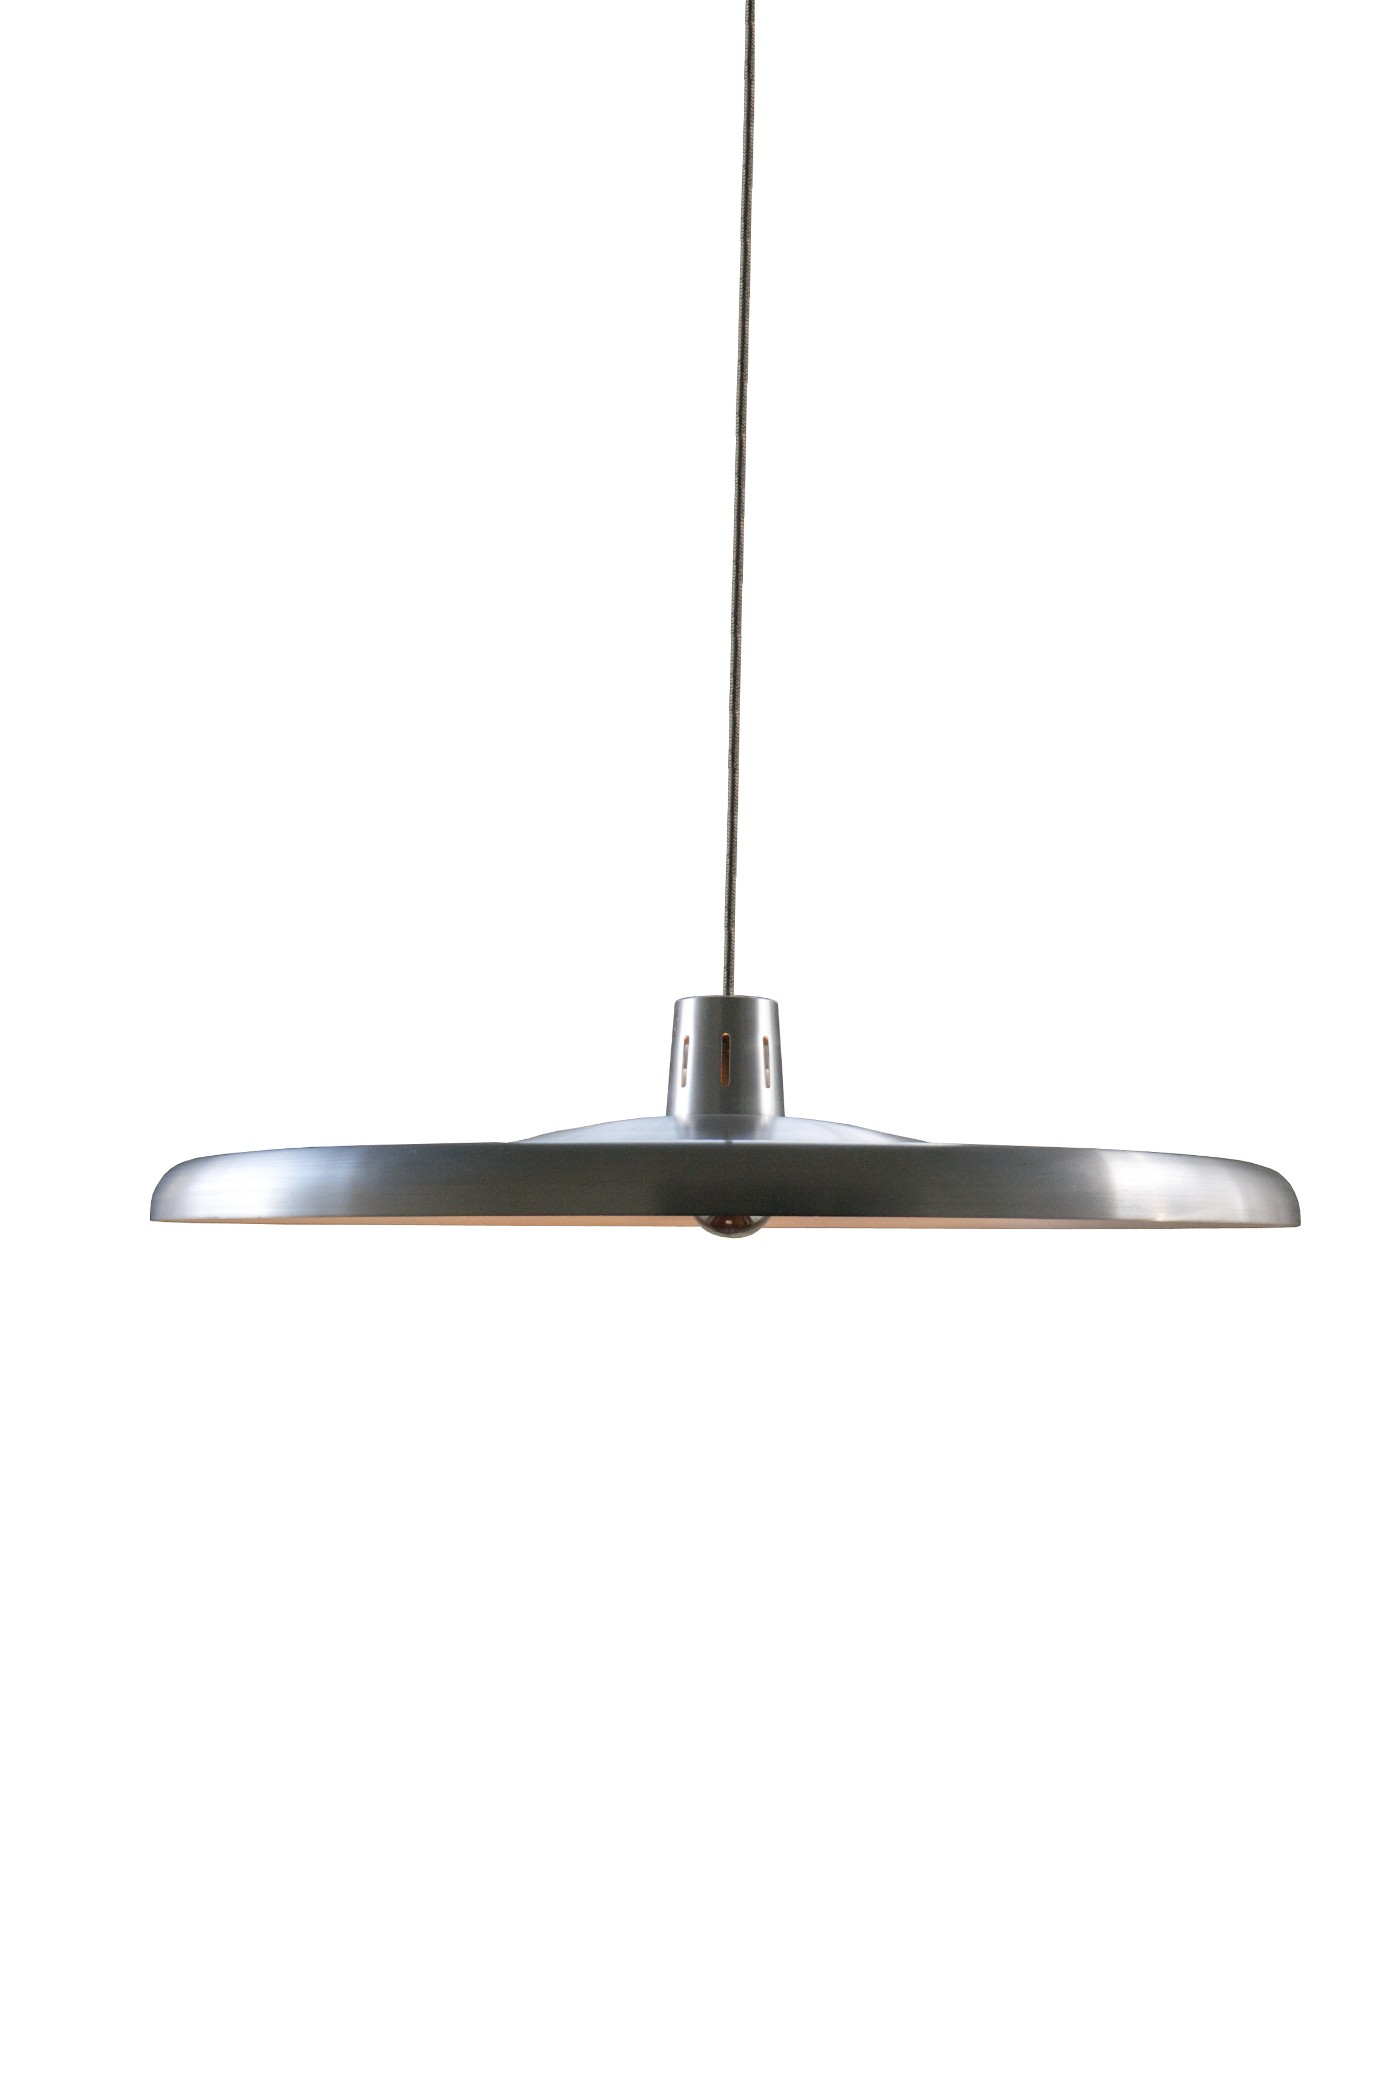 luminaire original btc suspension 700. Black Bedroom Furniture Sets. Home Design Ideas